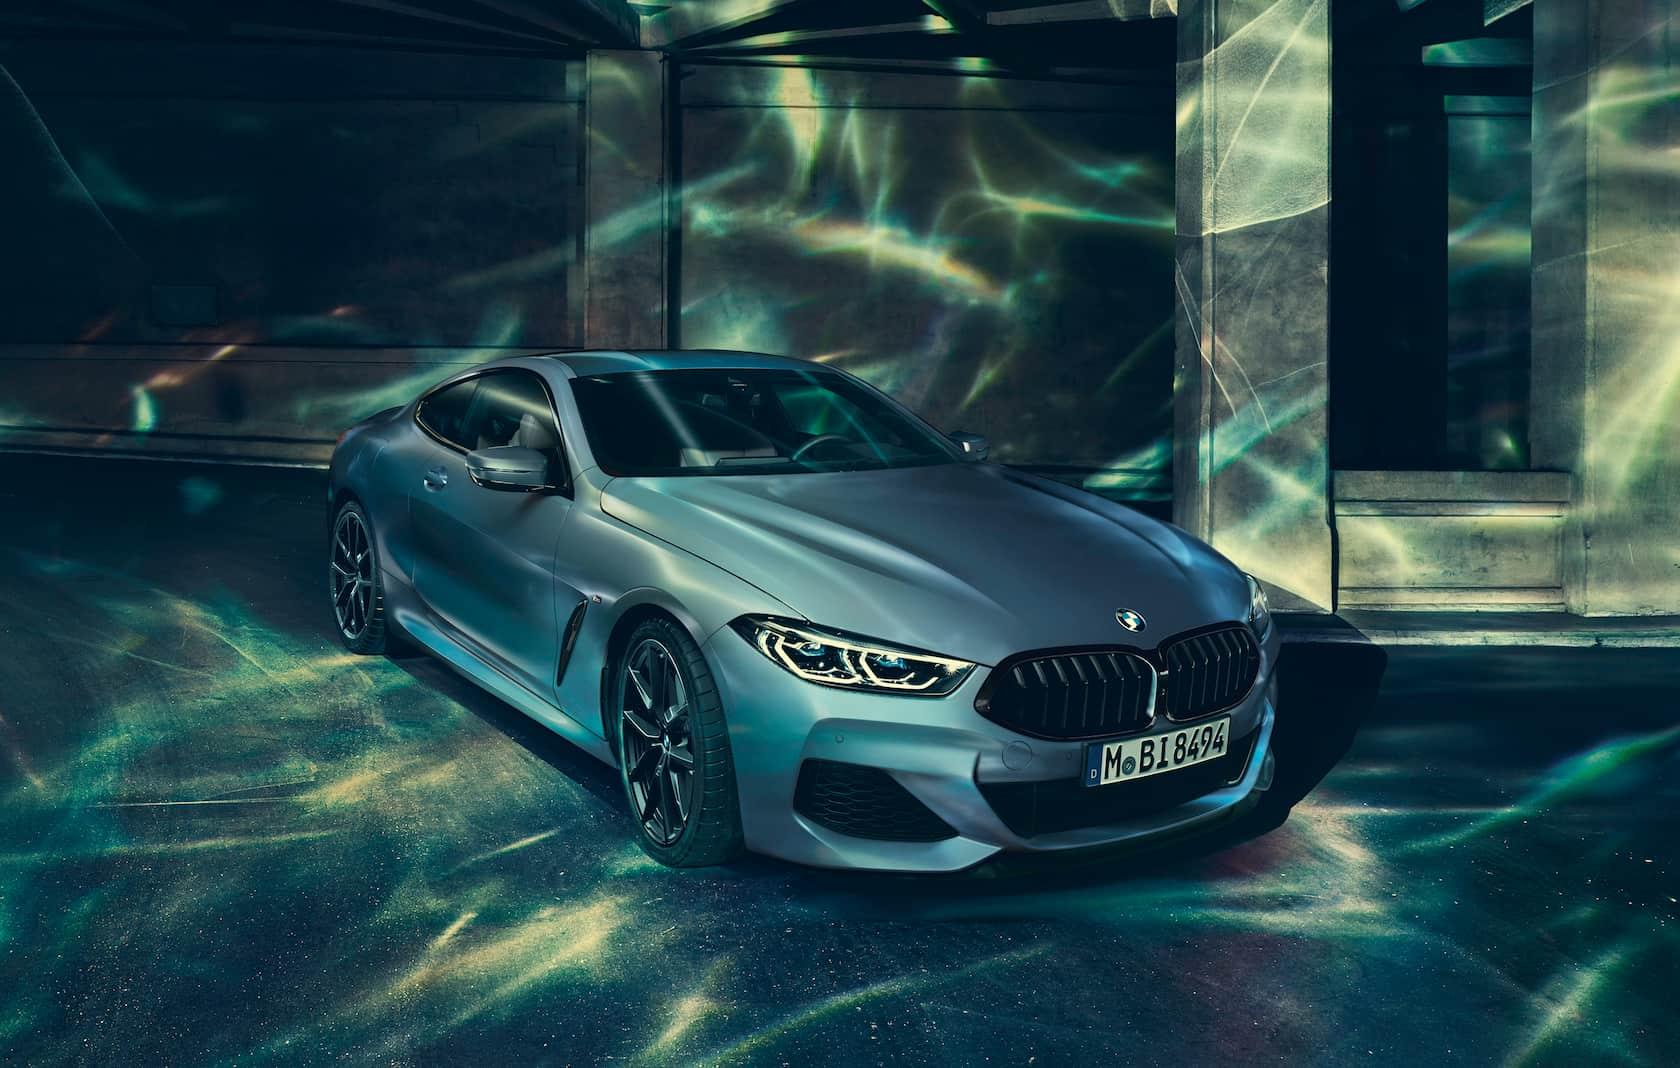 Este impressionante BMW 8 Series First Edition marca a estreia do M850i